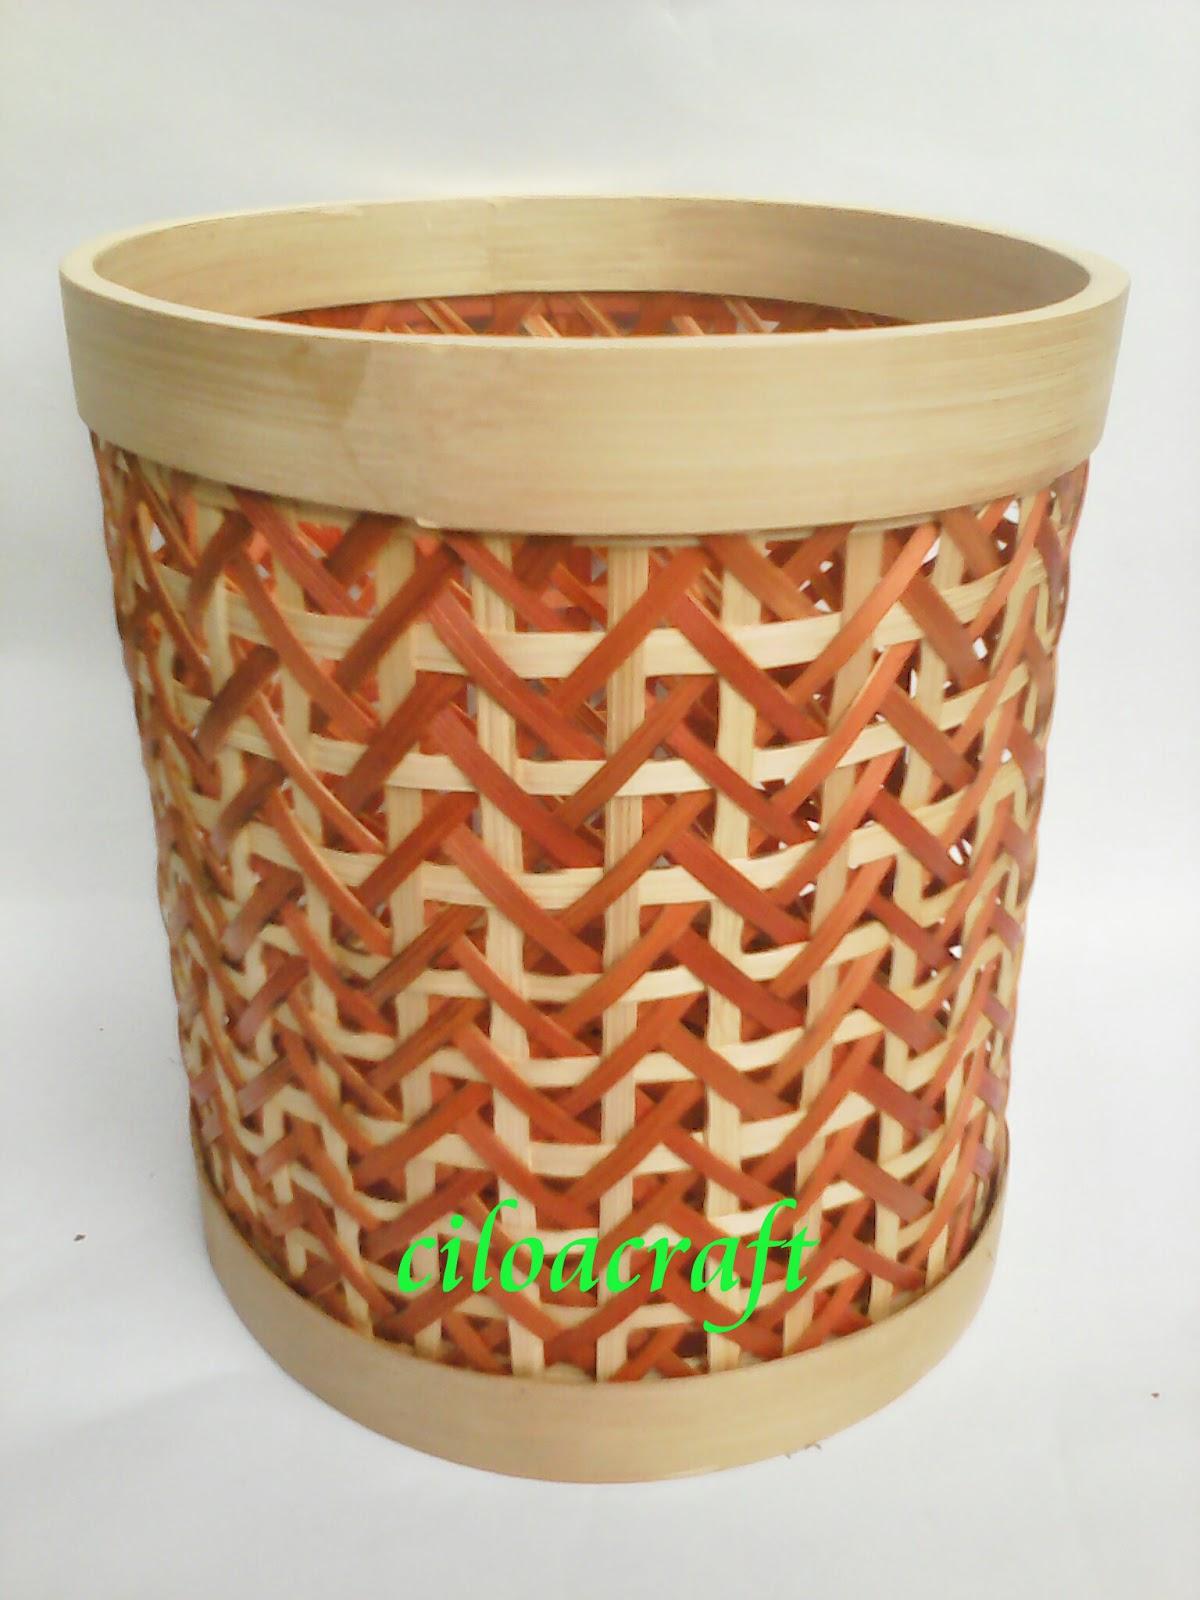 35 Kerajinan Dari Bambu Mobil Untuk Mempercantik Hunian Kerajinan dari bambu kecil